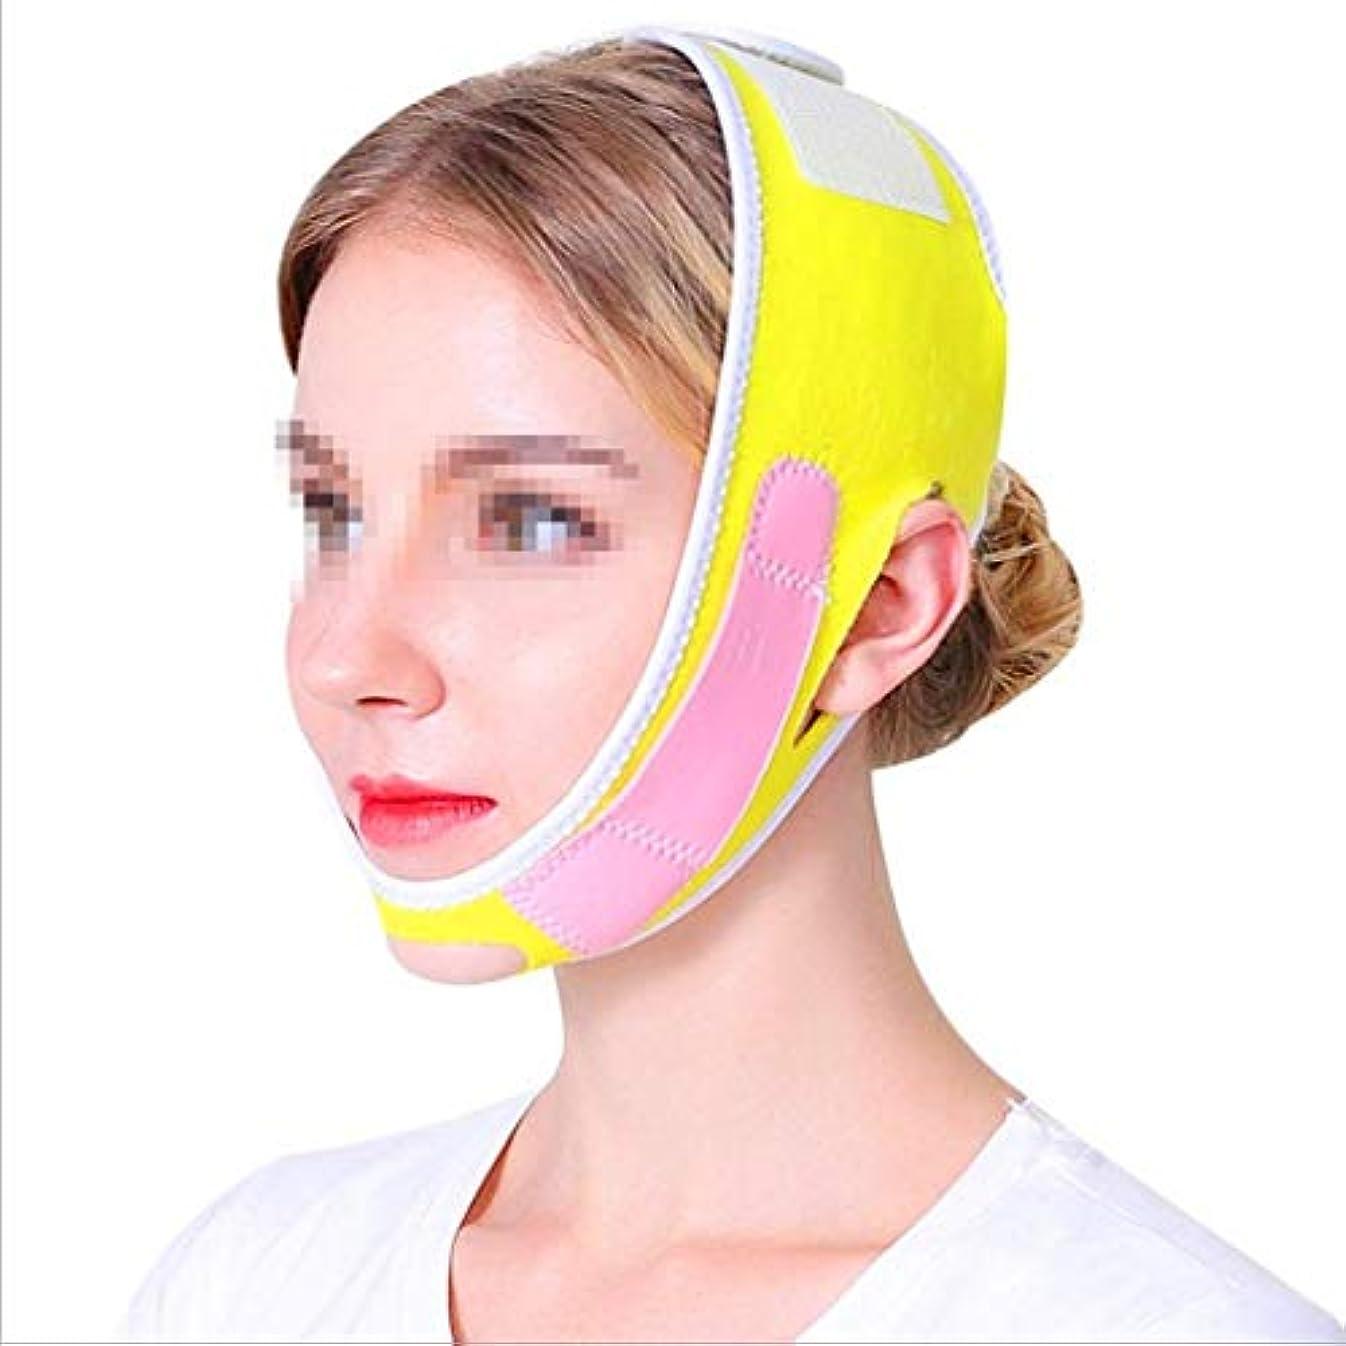 背景ペチコートハブブフェイスリフトマスク、Vフェイスフェイシャルリフティング、およびローラインにしっかりと締め付けます二重あごの美容整形包帯マルチカラーオプション(カラー:イエロー),黄